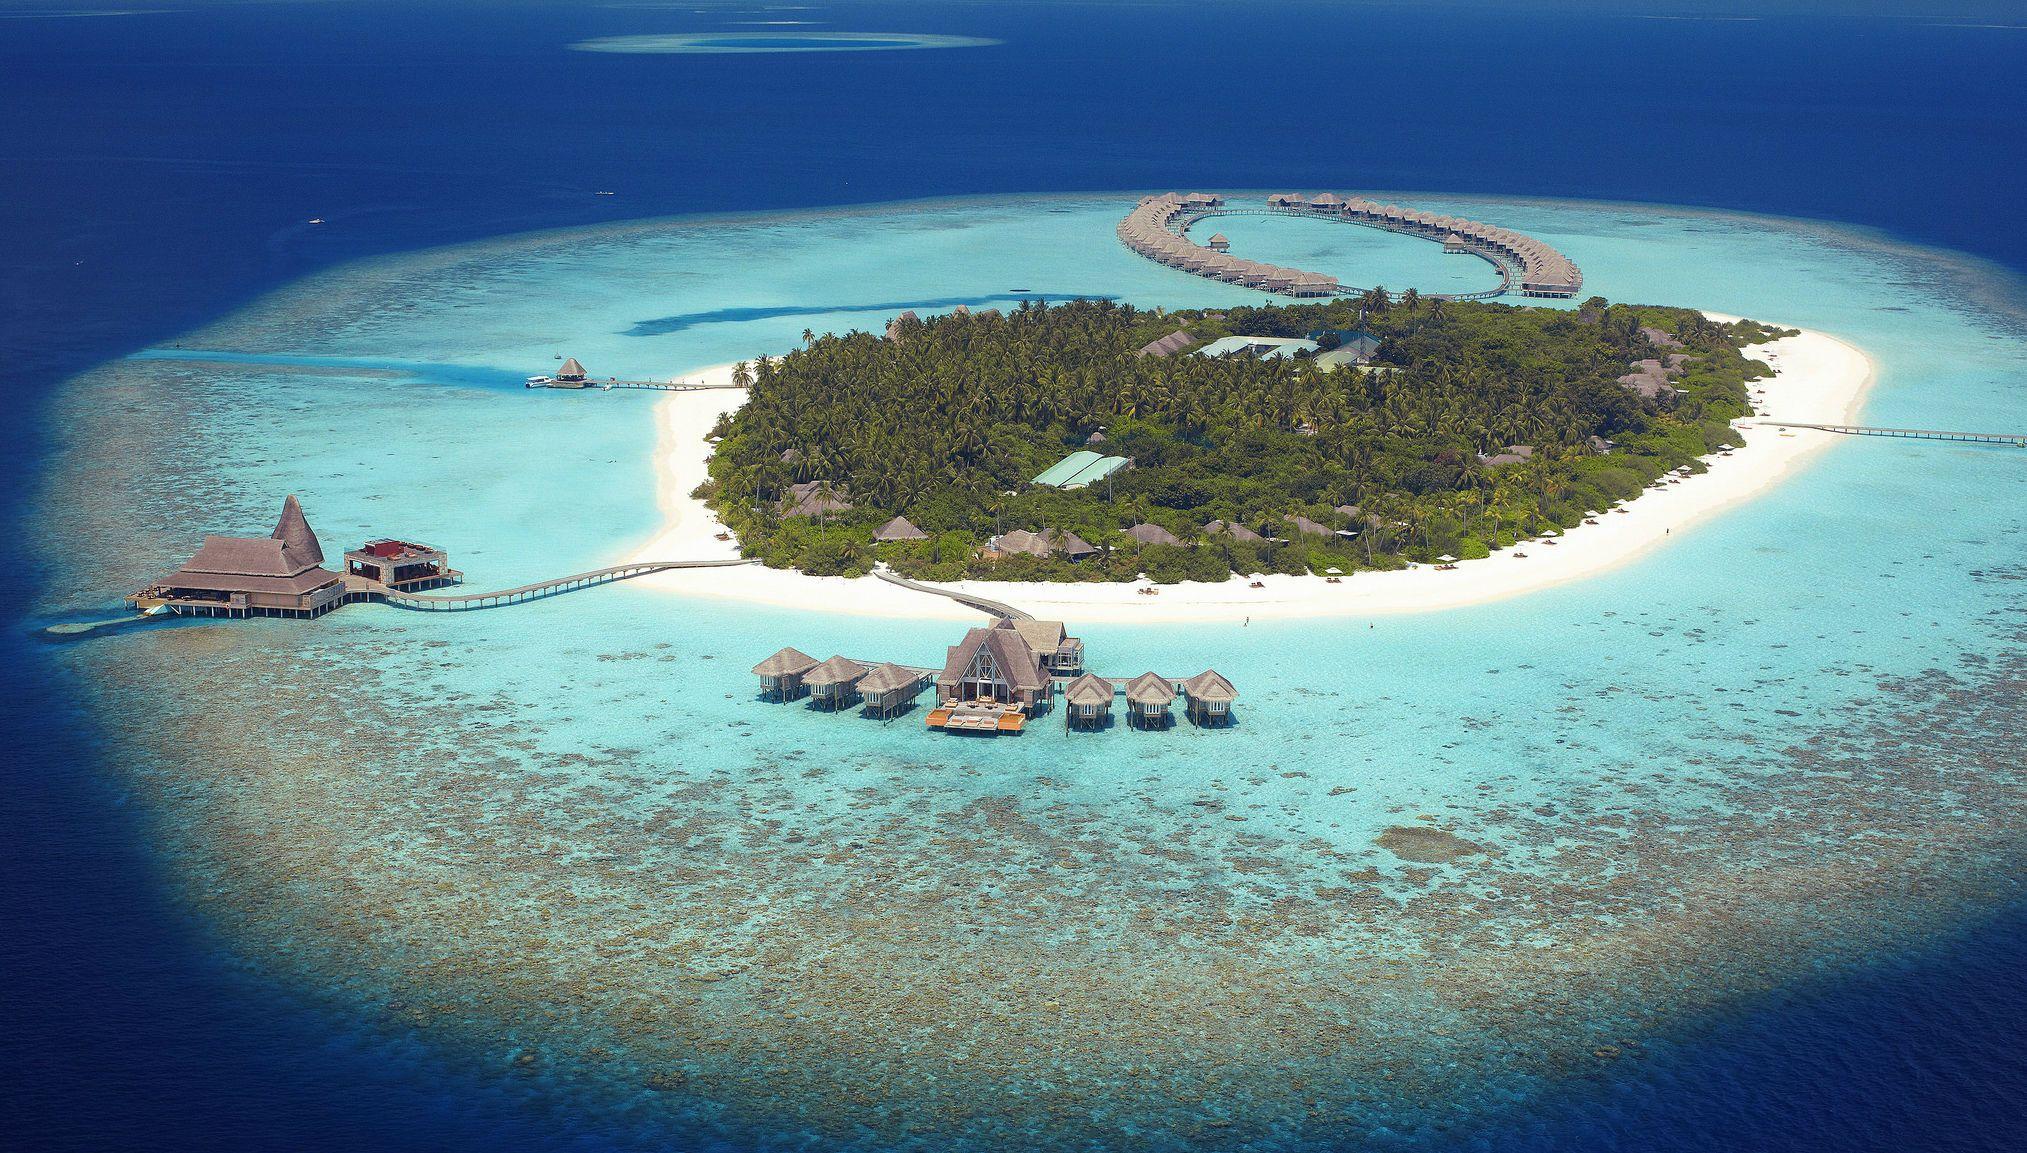 Готель, Мальдіви, Індійський океан, пляж_4